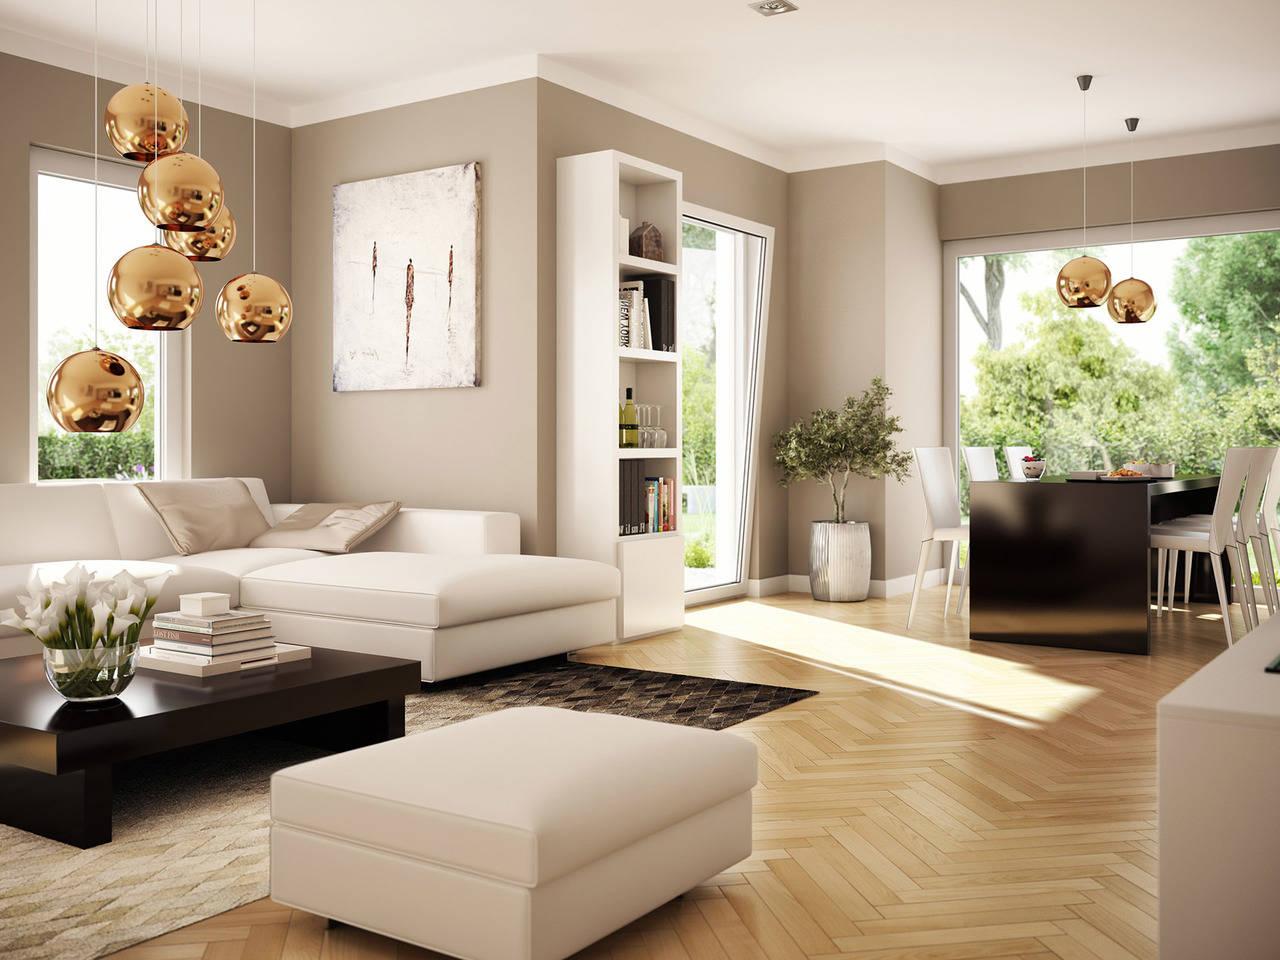 Haus SOLUTION 87 V2 Wohnbereich von Living Haus